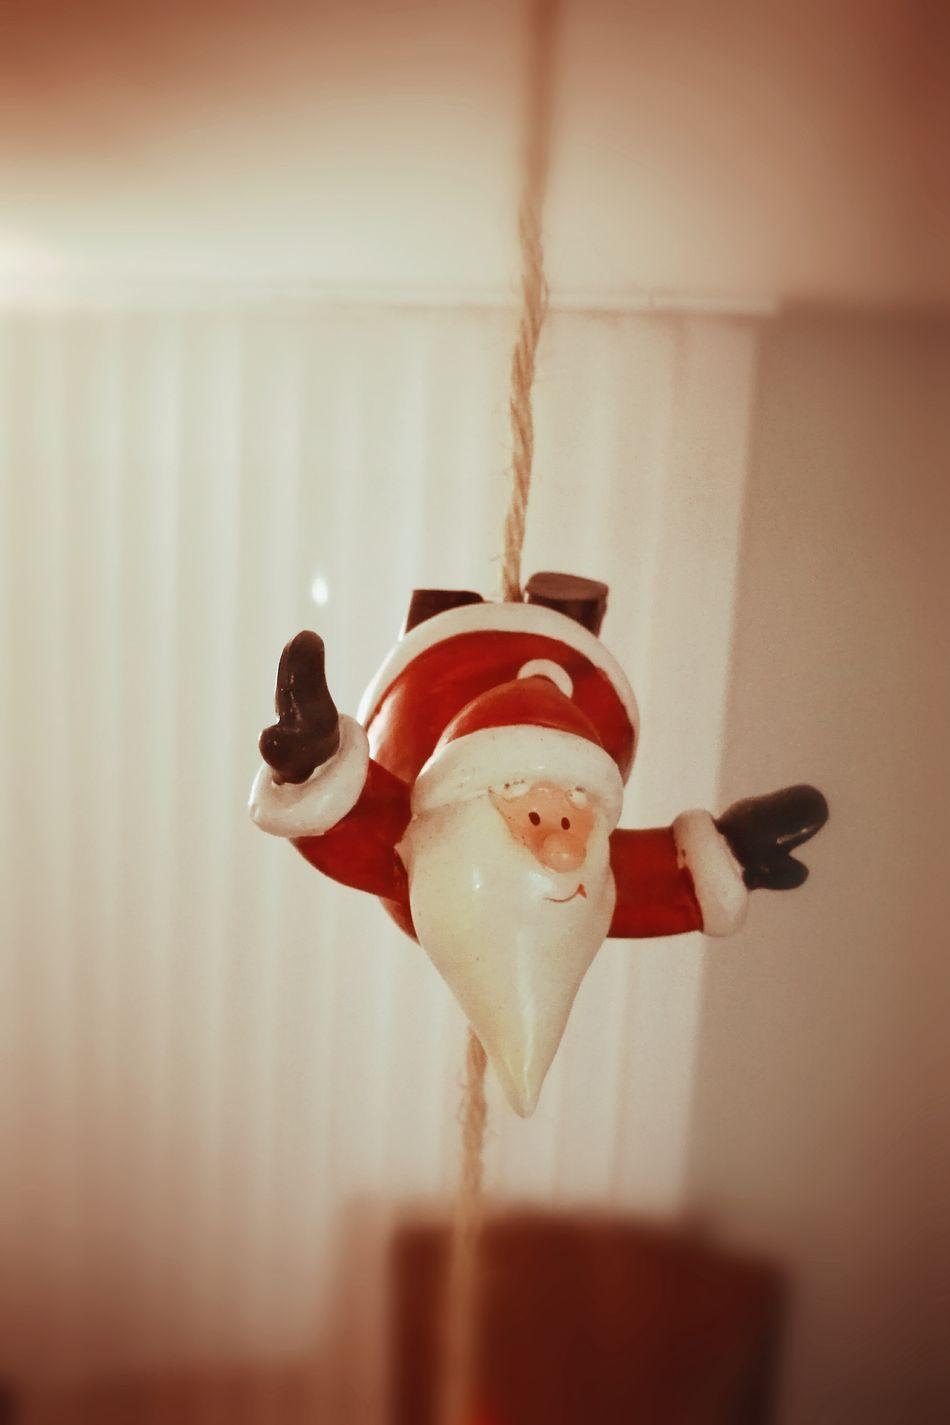 Christmas Decoration Christmas Time Santa Claus Père Noël Pole Dance